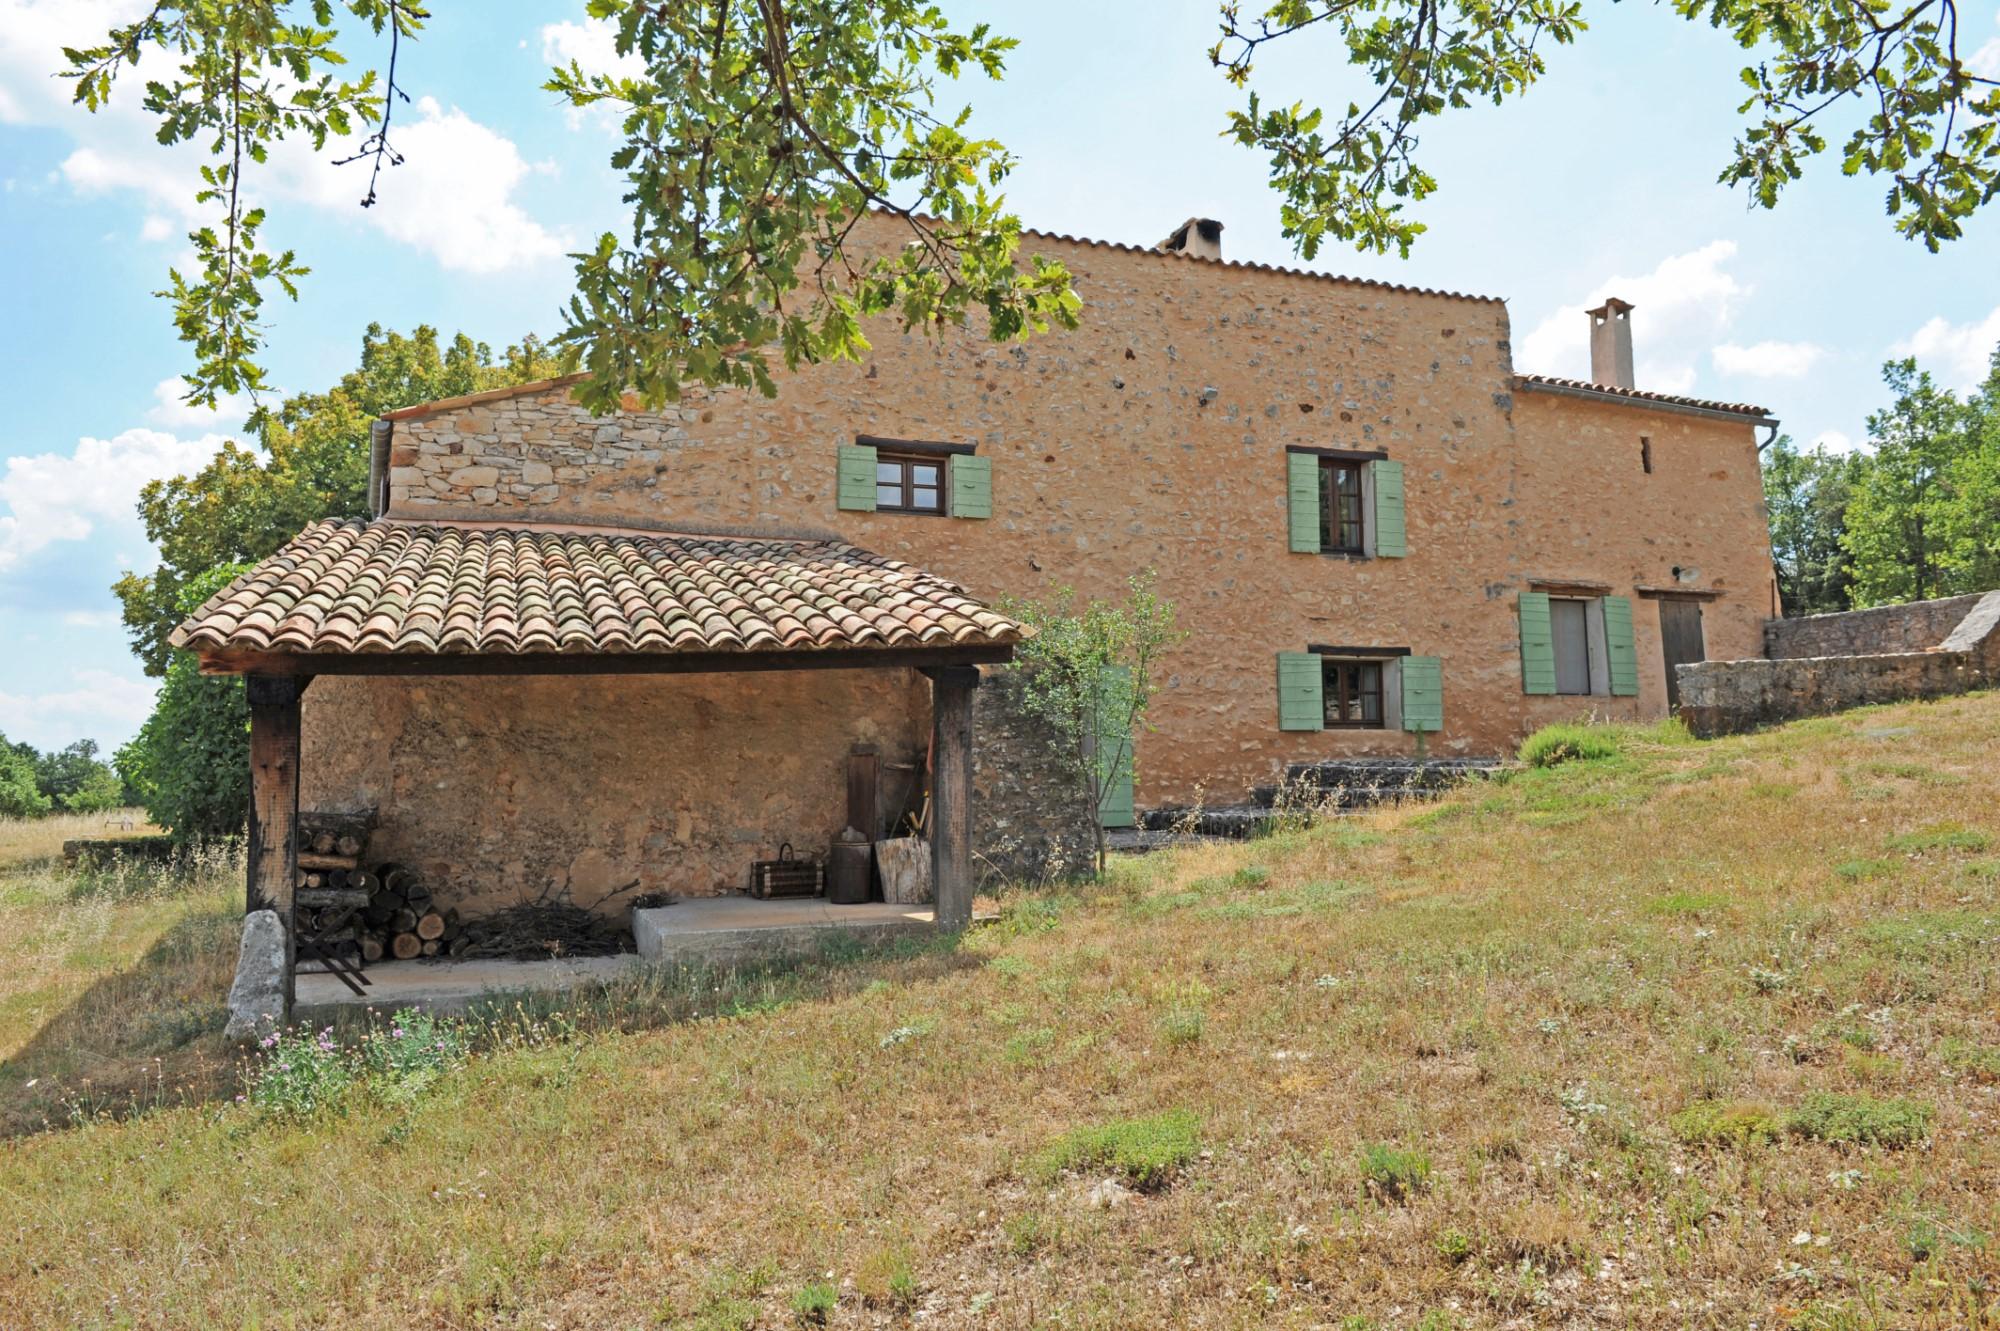 Ancienne ferme restaurée à vendre en Luberon